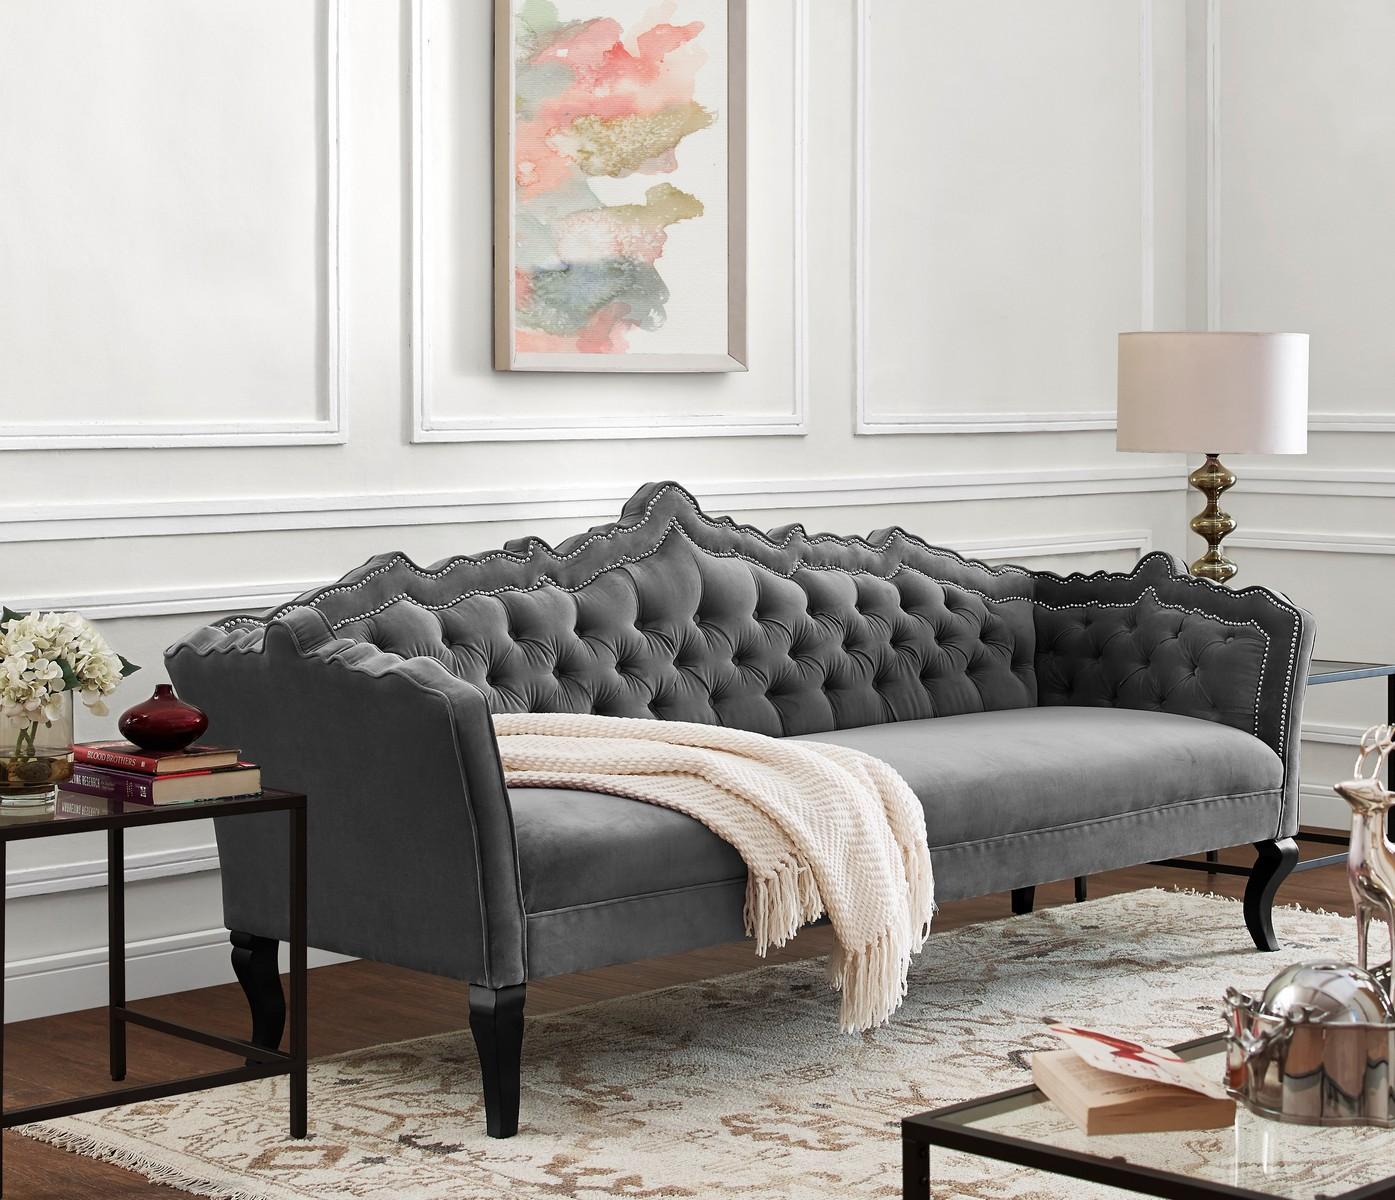 Tov furniture brooks grey velvet sofa s44 at homelement com